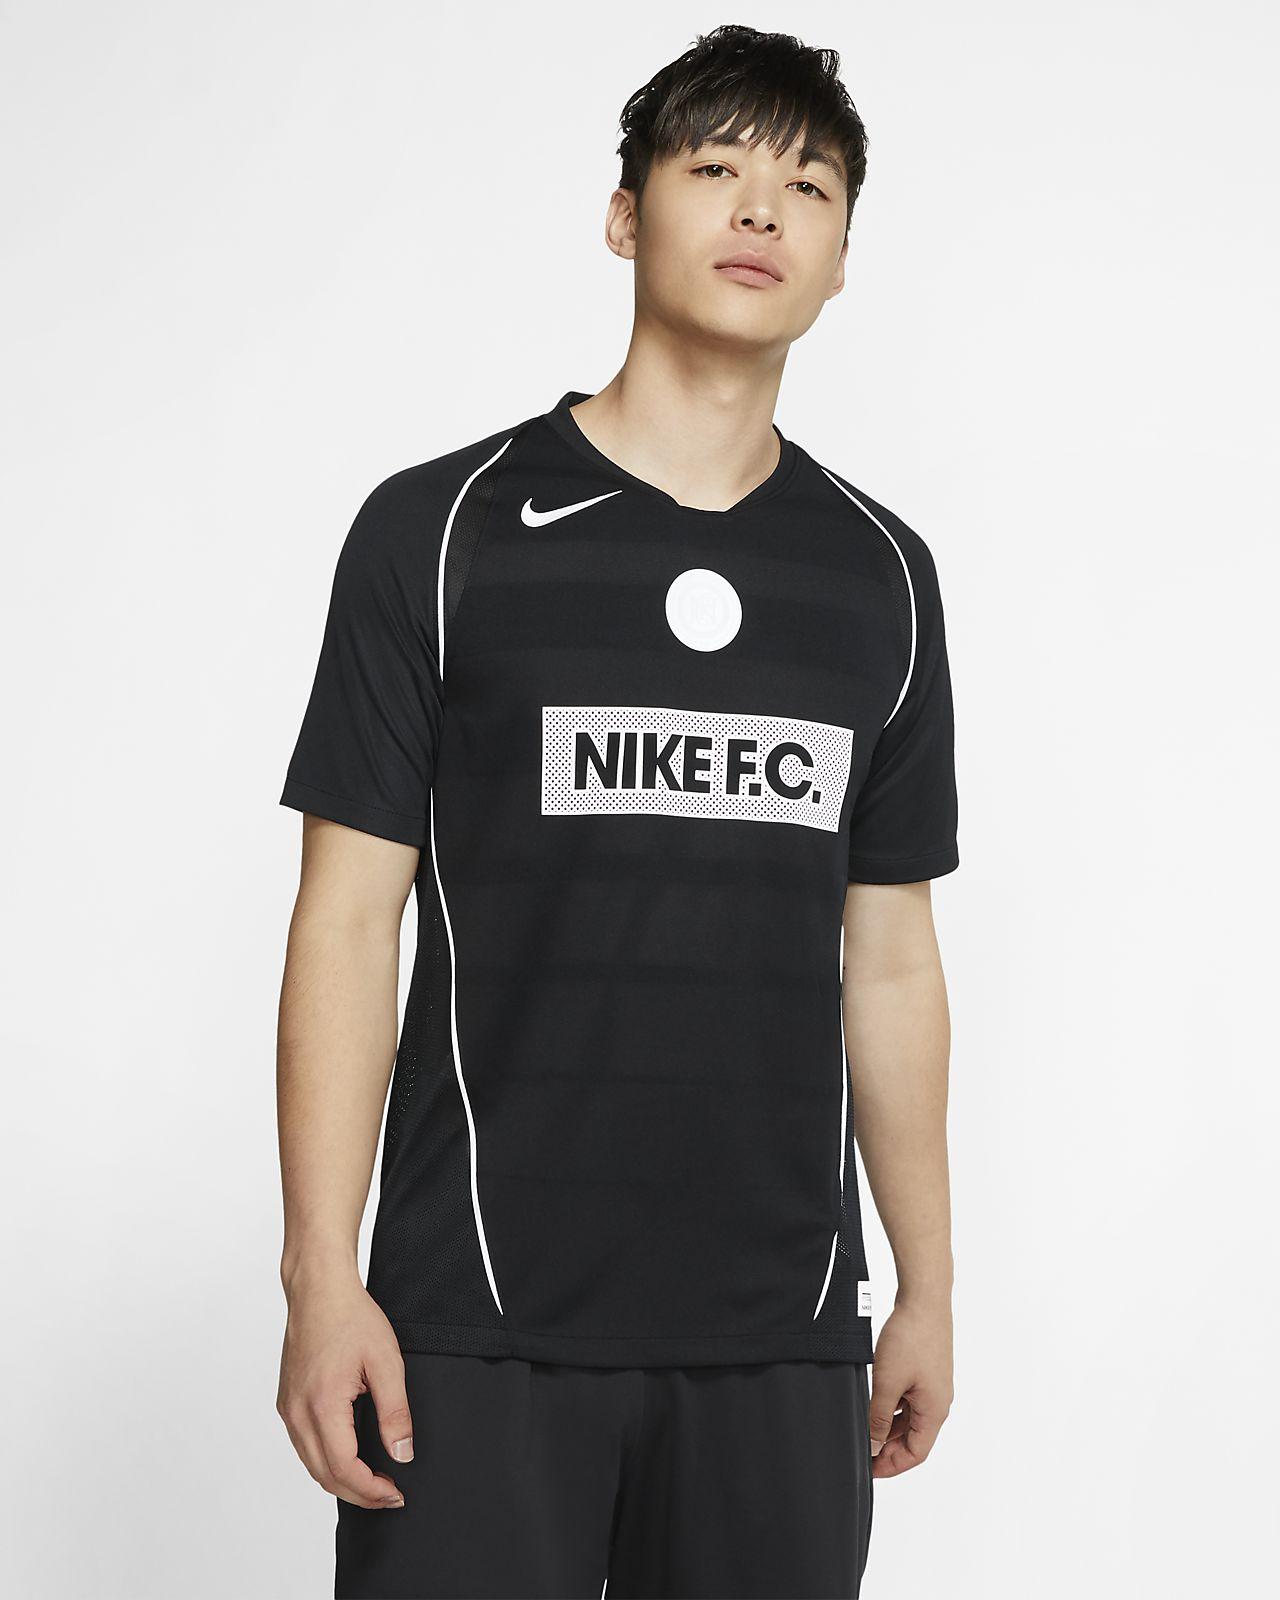 ナイキ F.C. ホーム メンズ ショートスリーブ サッカーユニフォーム